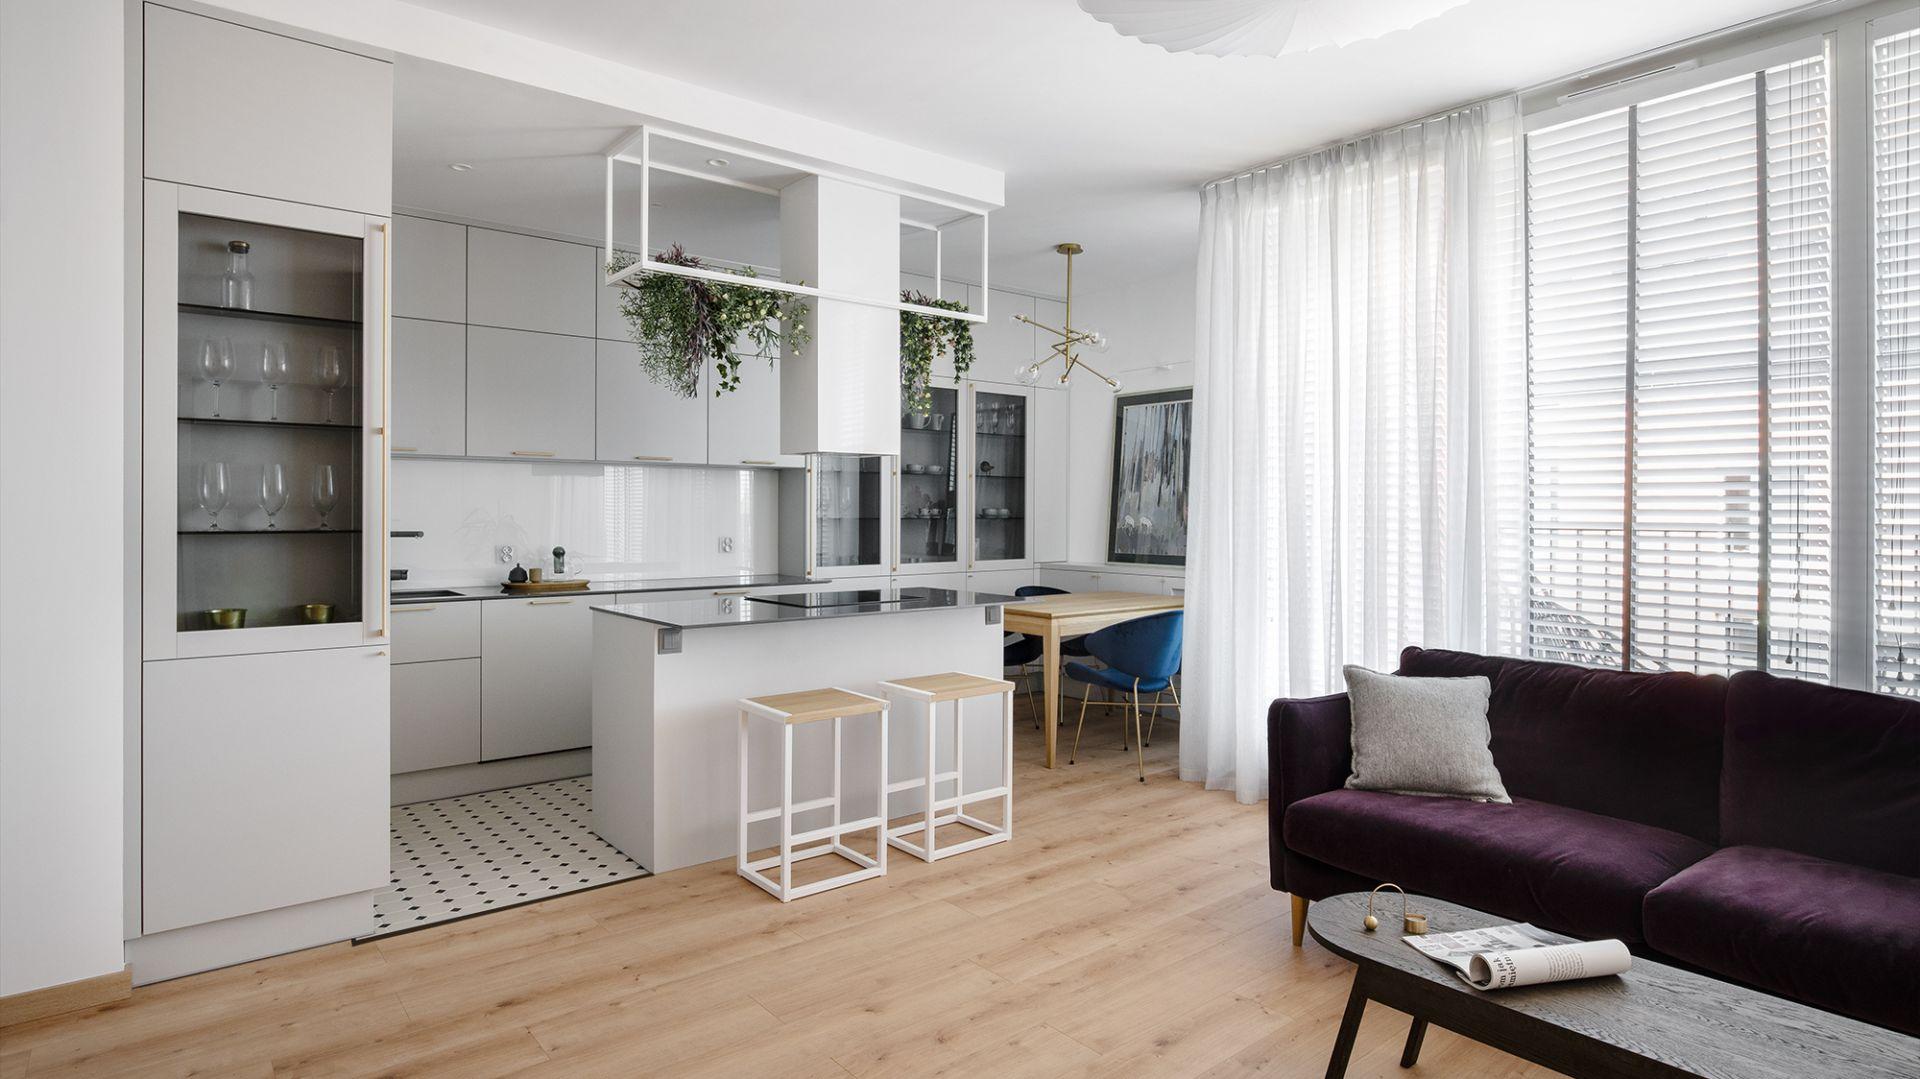 Mieszkanie ma powierzchnię 50 metrów kwadratowych. Zlokalizowane jest w prestiżowej lokalizacji, w samym centrum Gdańska. Projekt: Monika Wierzba-Krygiel. Fot. Hania Połczyńska